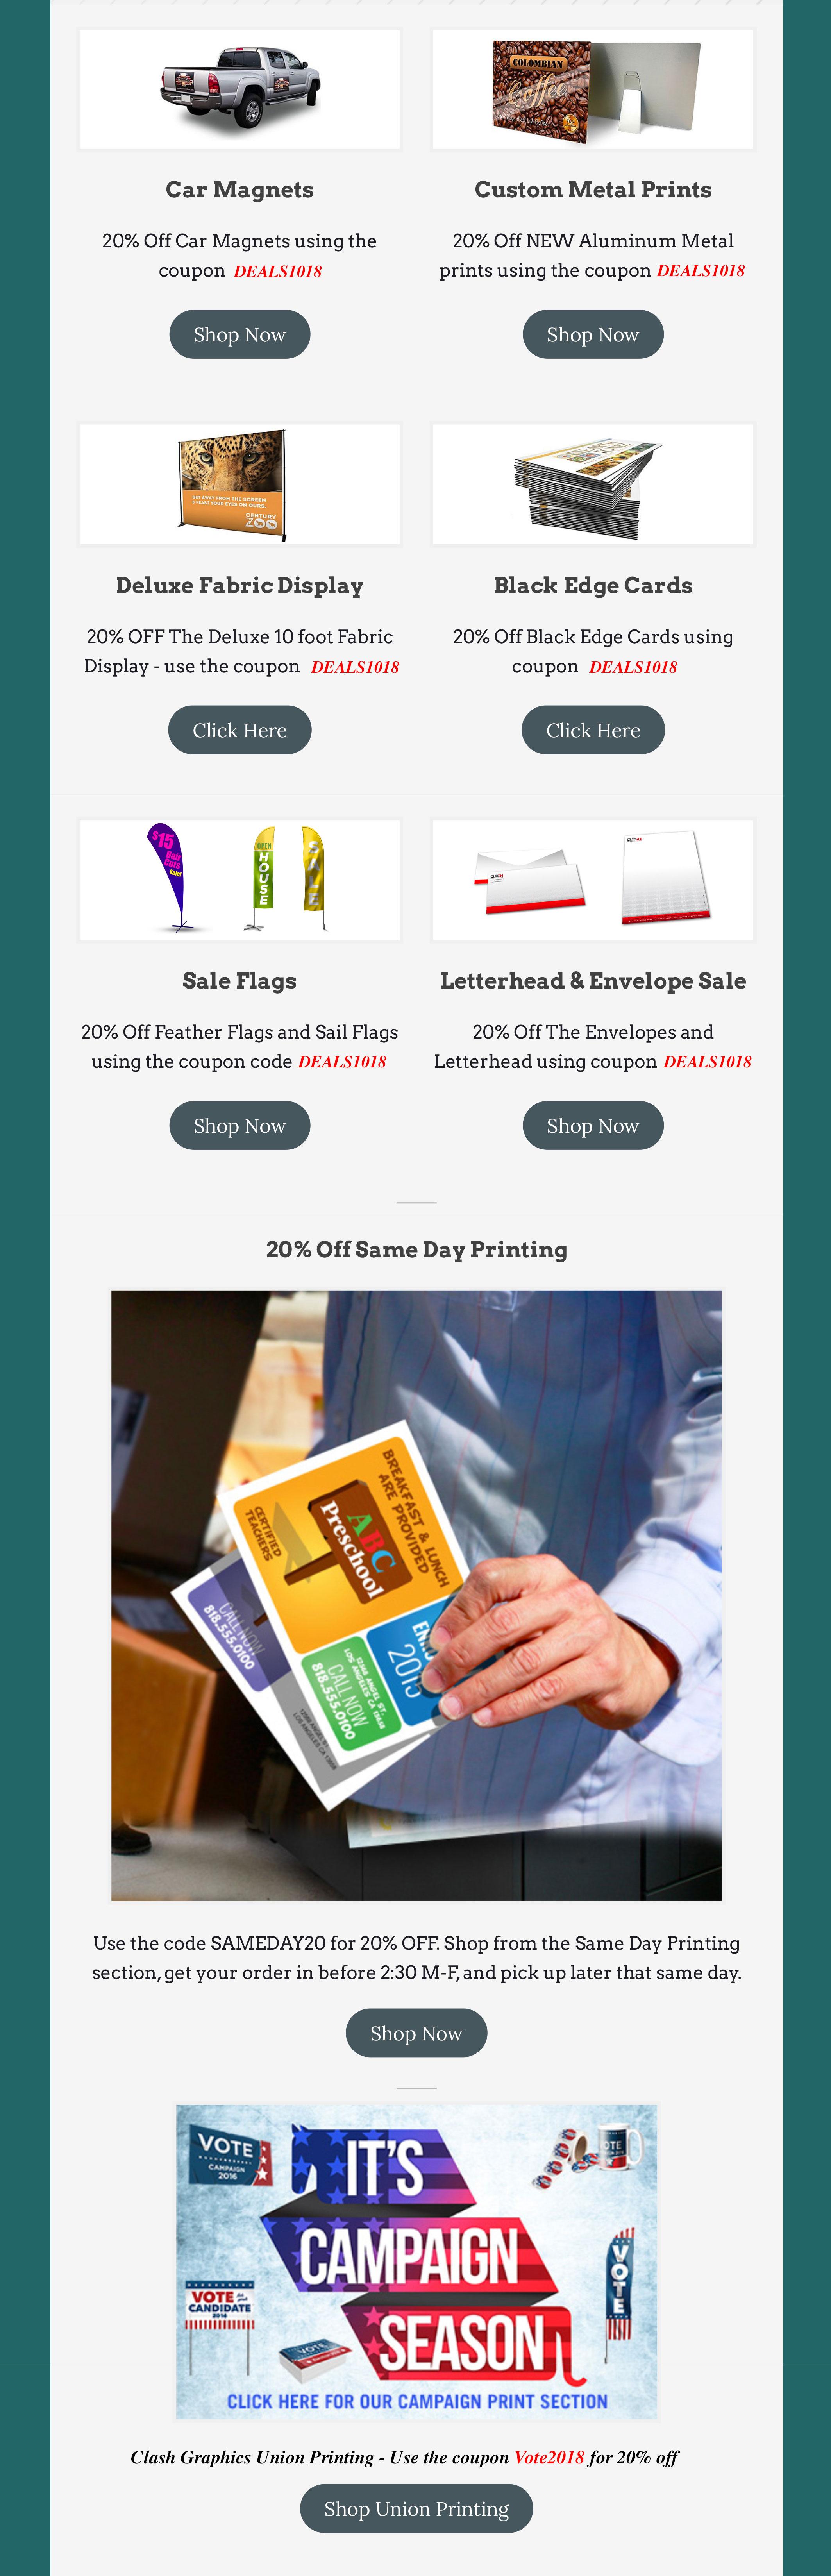 deals1018.jpg